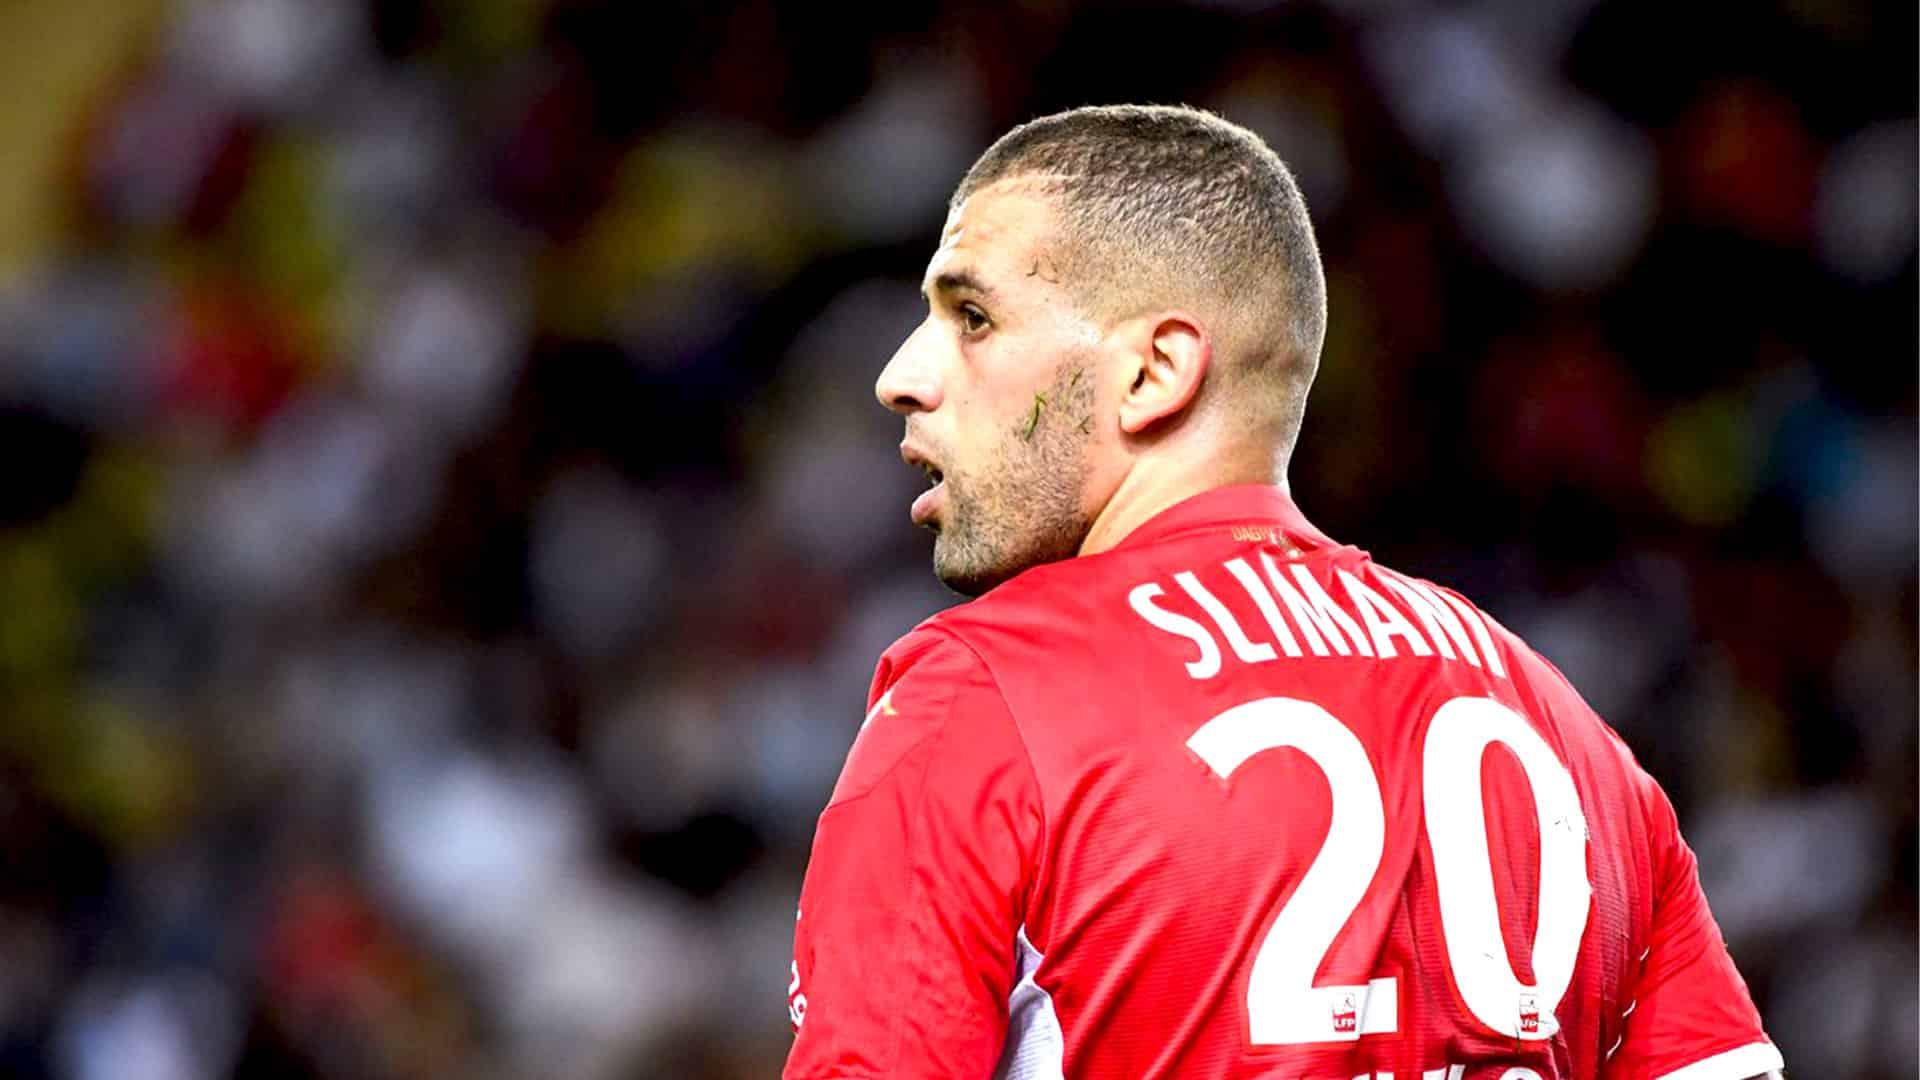 Départ d'Islam Slimani : La réaction de l'AS Monaco